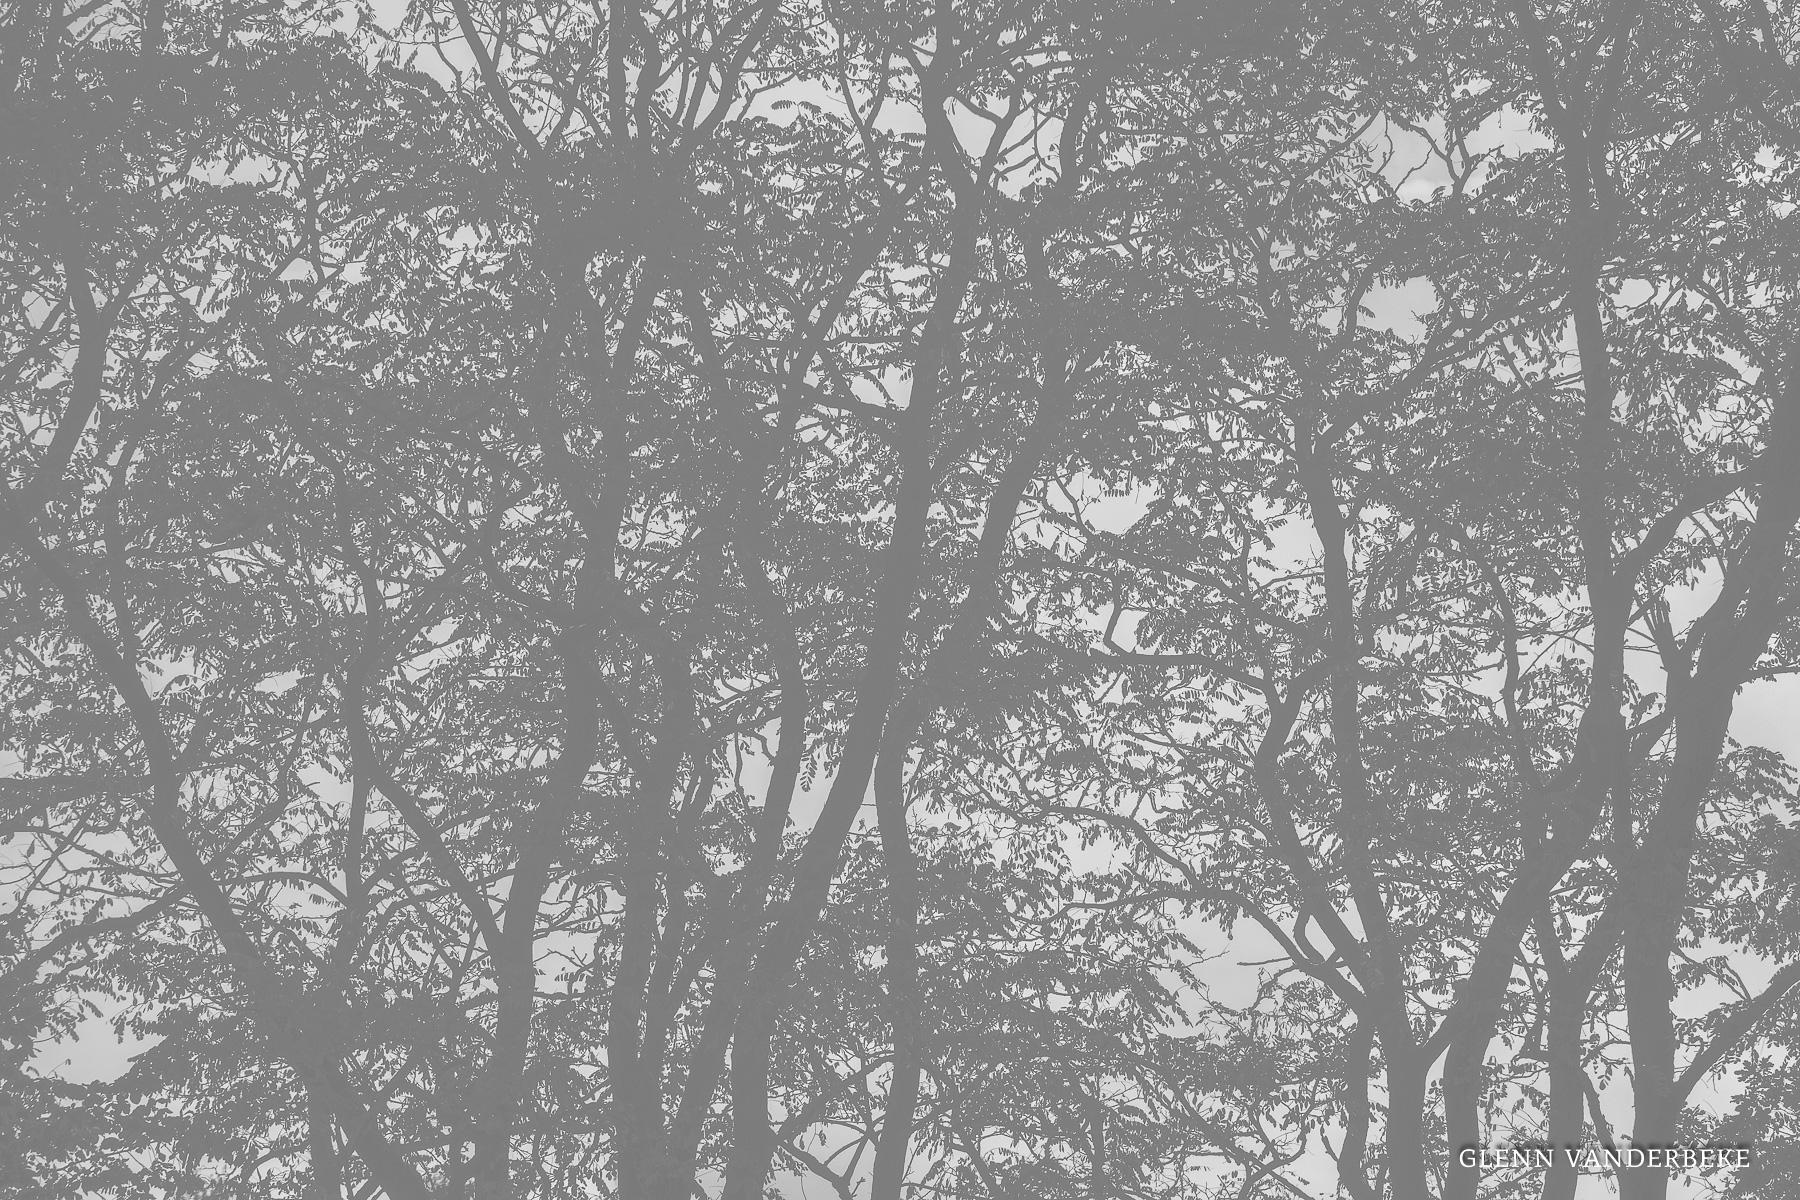 glenn vanderbeke, landschapsfotografie, landschapsfotograaf, fotografie molsbroek, foto uitstap, foto dagtrip, fotografische dagtrip, west-vlaamse fotografen, west-vlaamse fotograaf, lokeren, molsbroek, natuurreservaat, wandelen in Lokeren, natuurreservaat Lokeren, Natuur in Lokeren, locatie Molsbroek